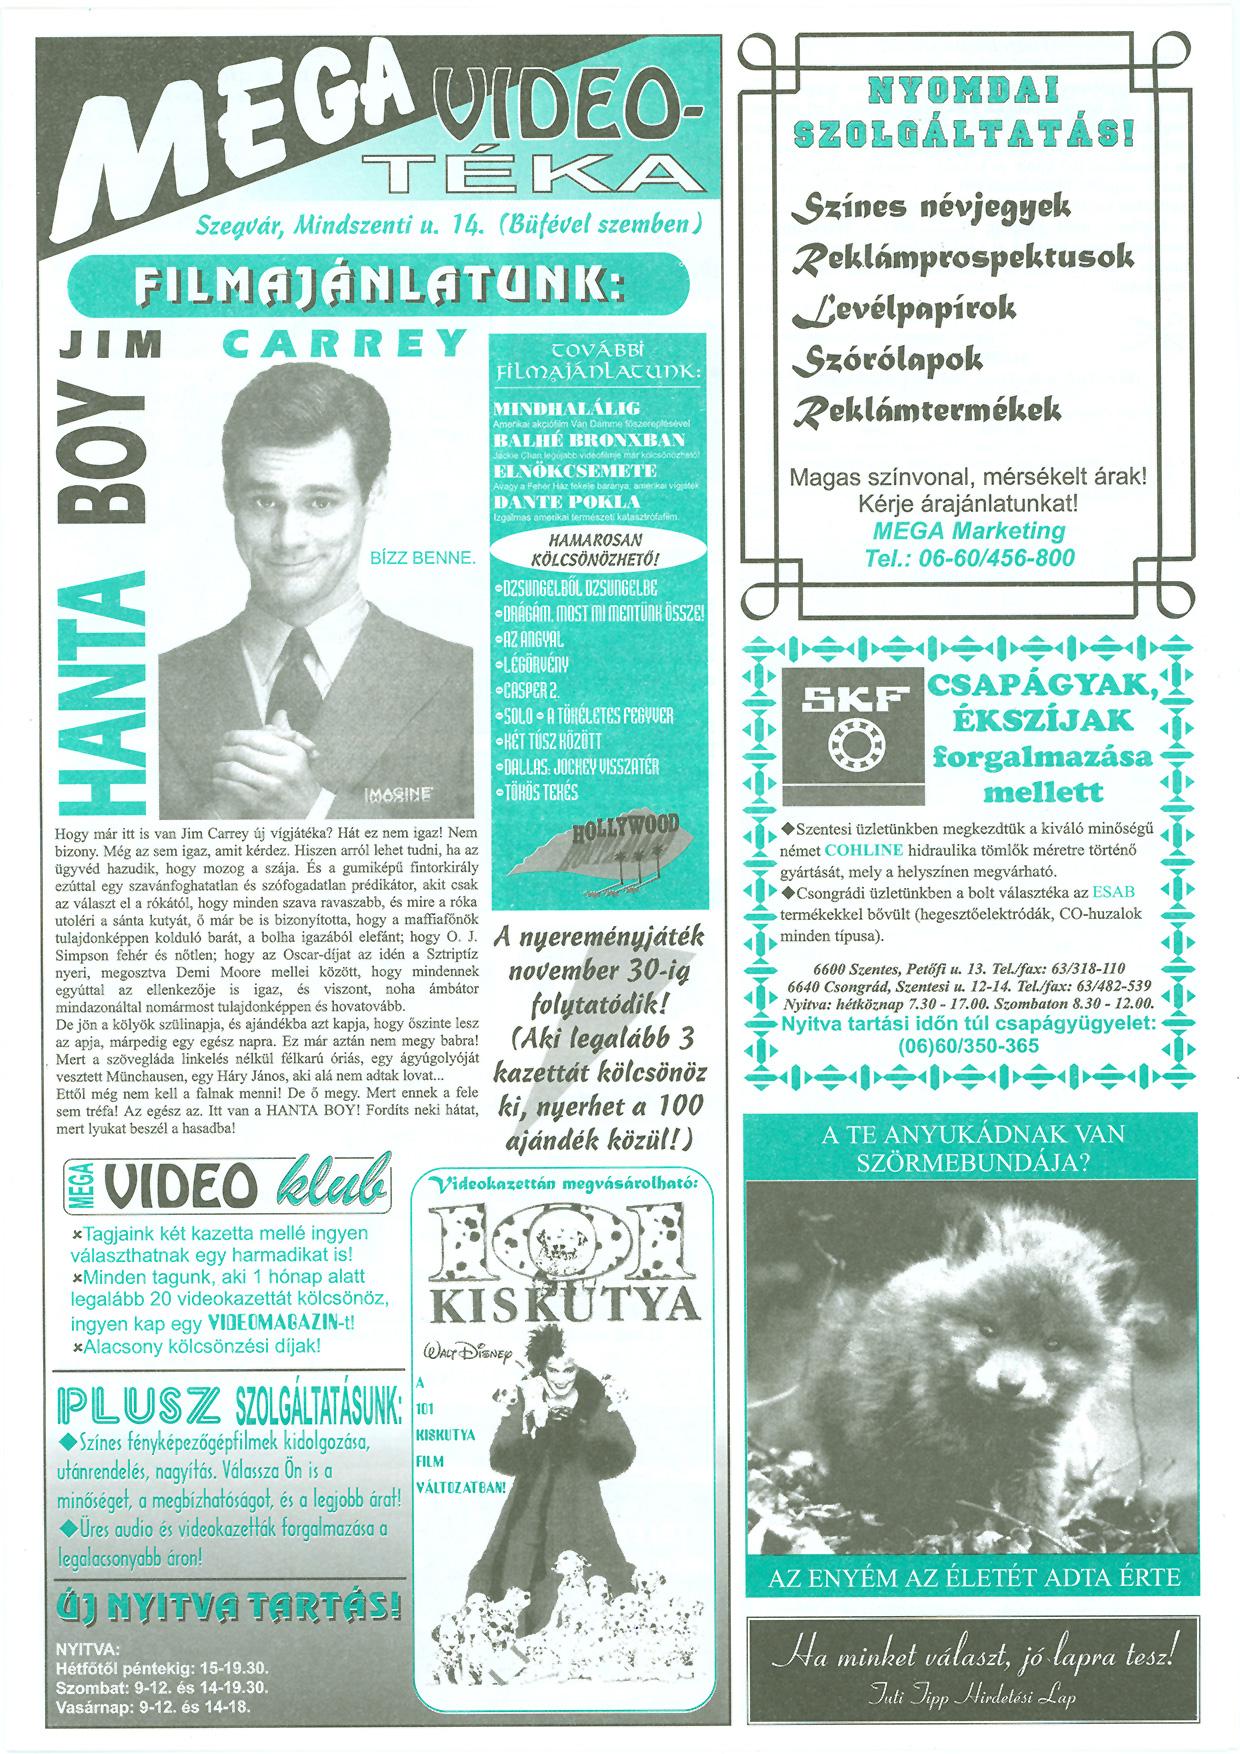 045 Tuti Tipp reklámújság - 19971122-074. lapszám - 3.oldal - III. évfolyam.jpg